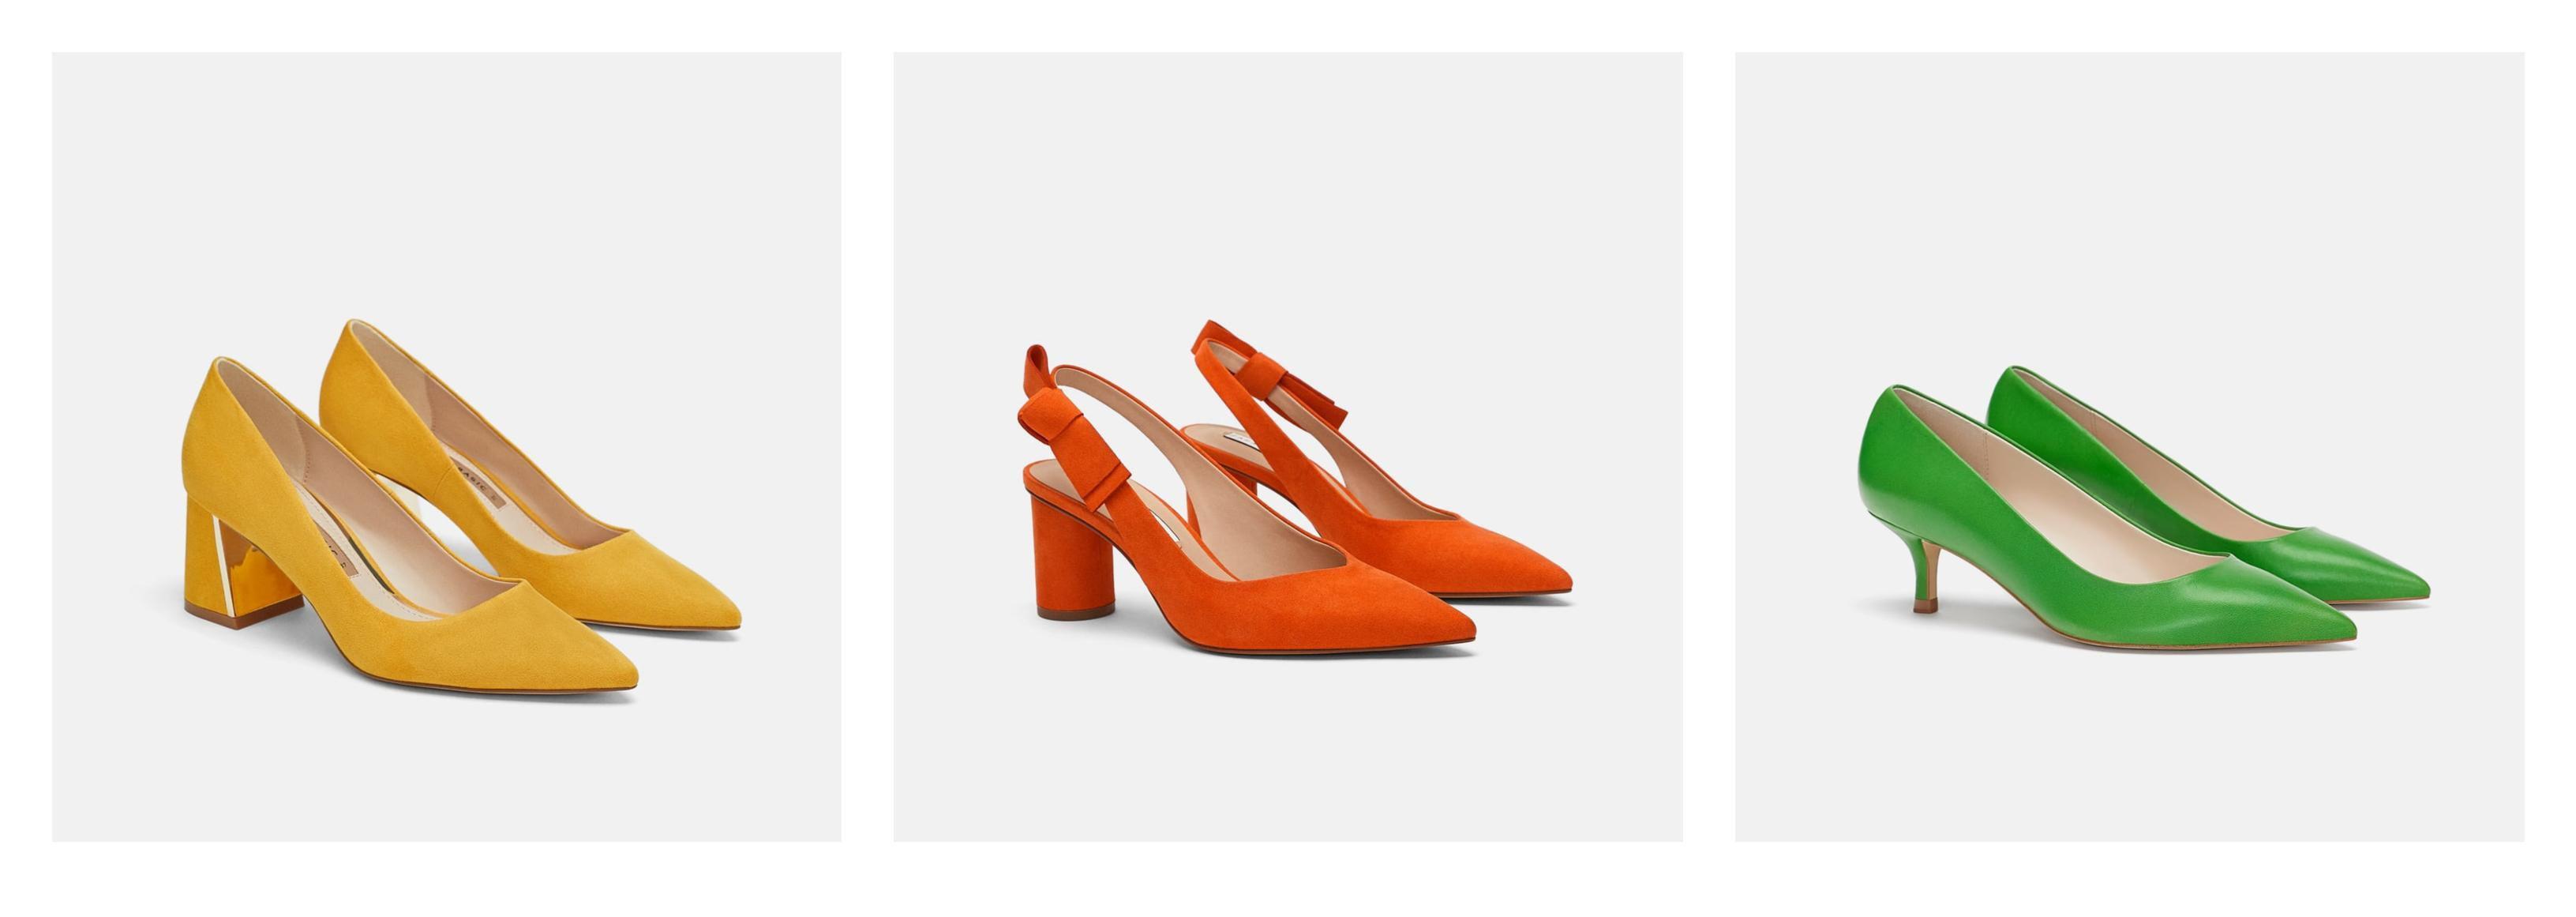 Jesen će biti u znaku jarkih boja: Odabrali smo najljepše cipele iz high street ponude